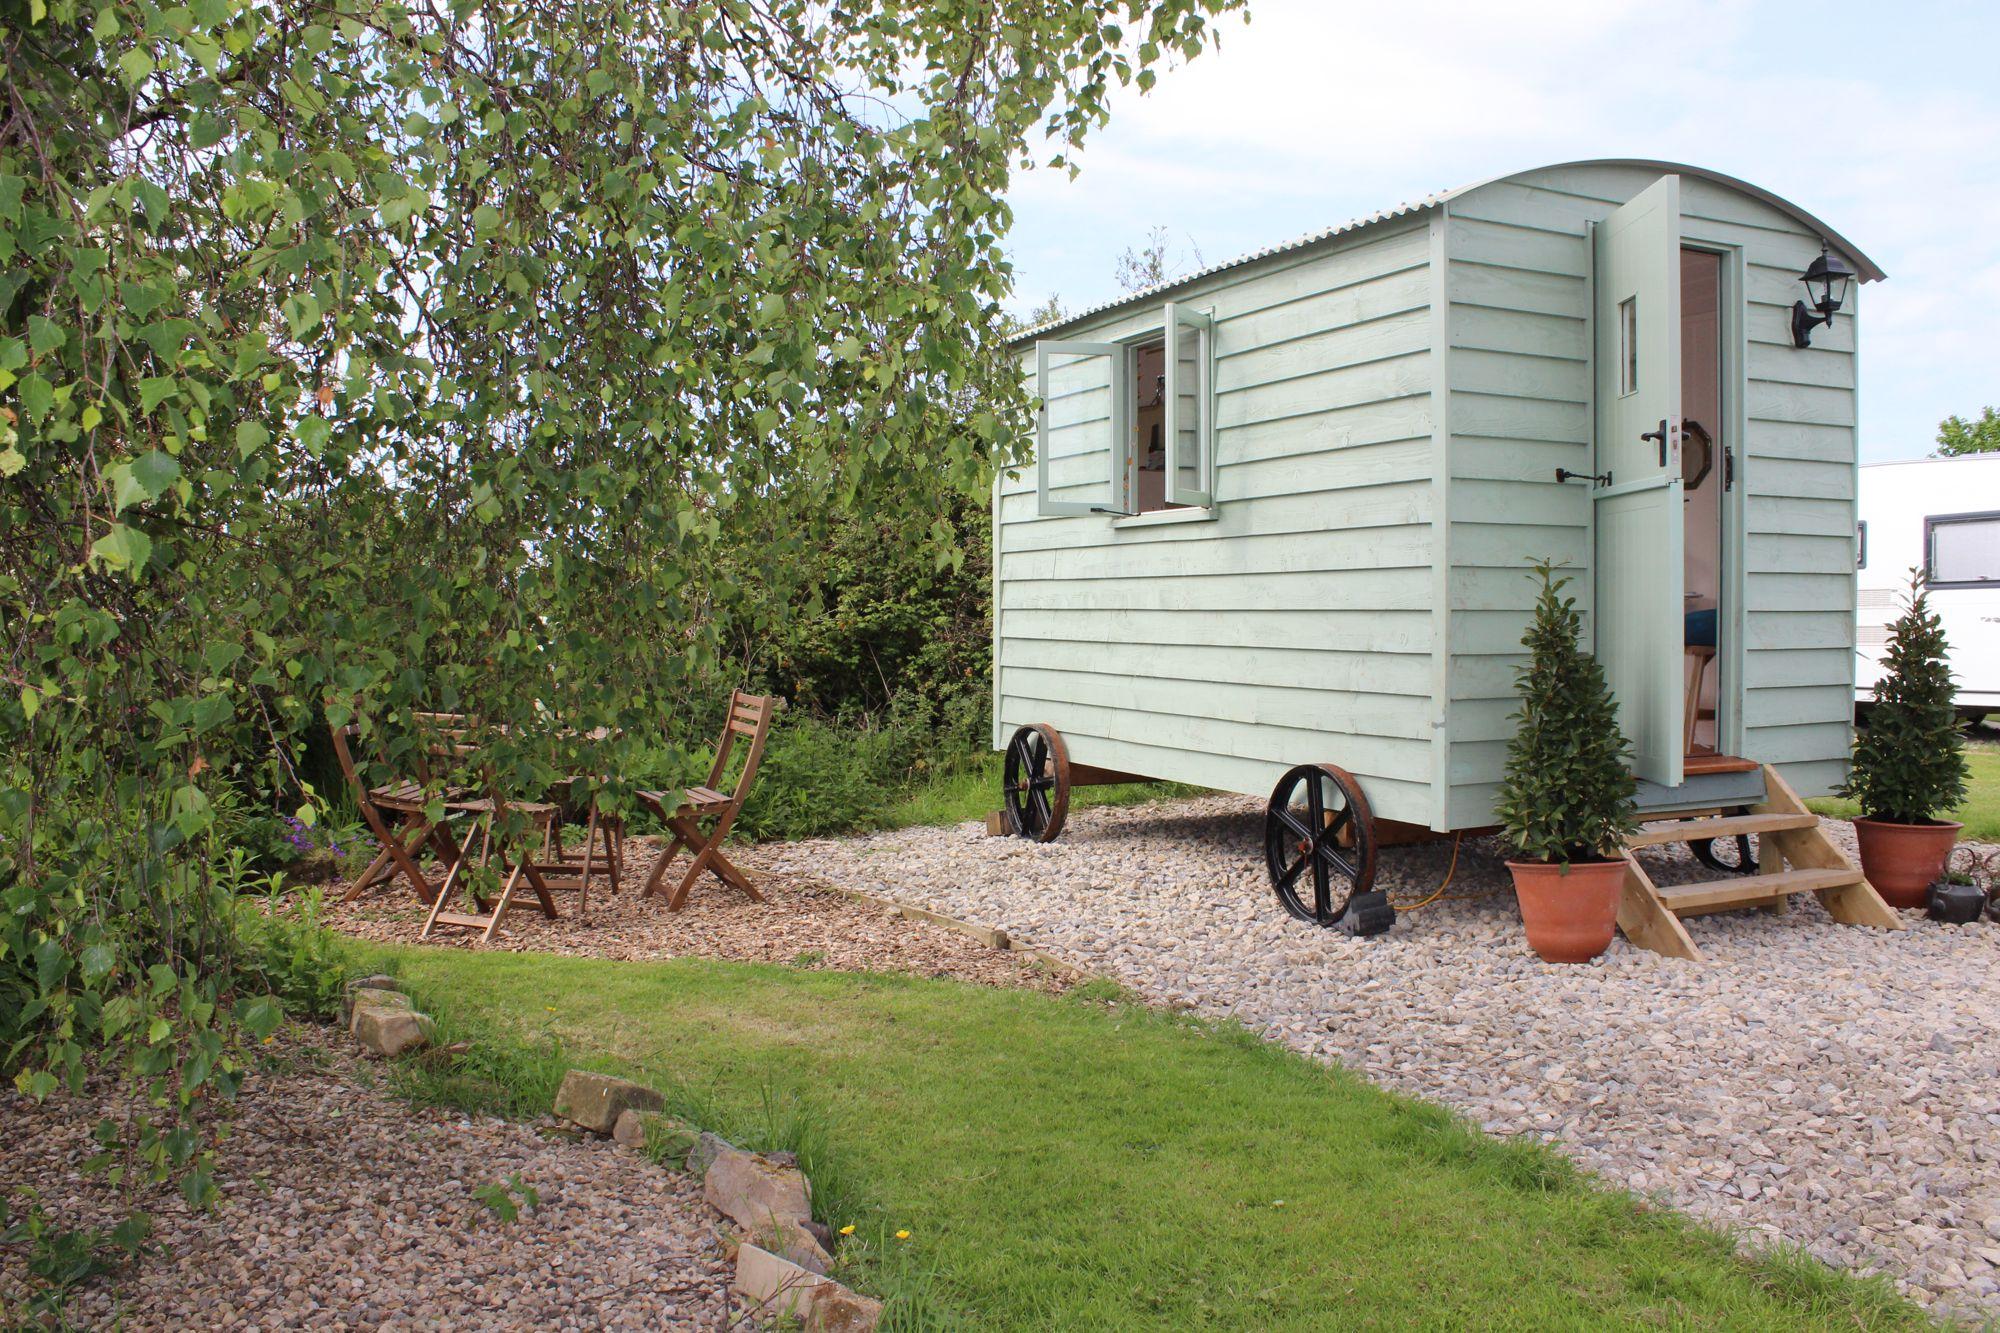 Serenity Camping Shepherd's Hut